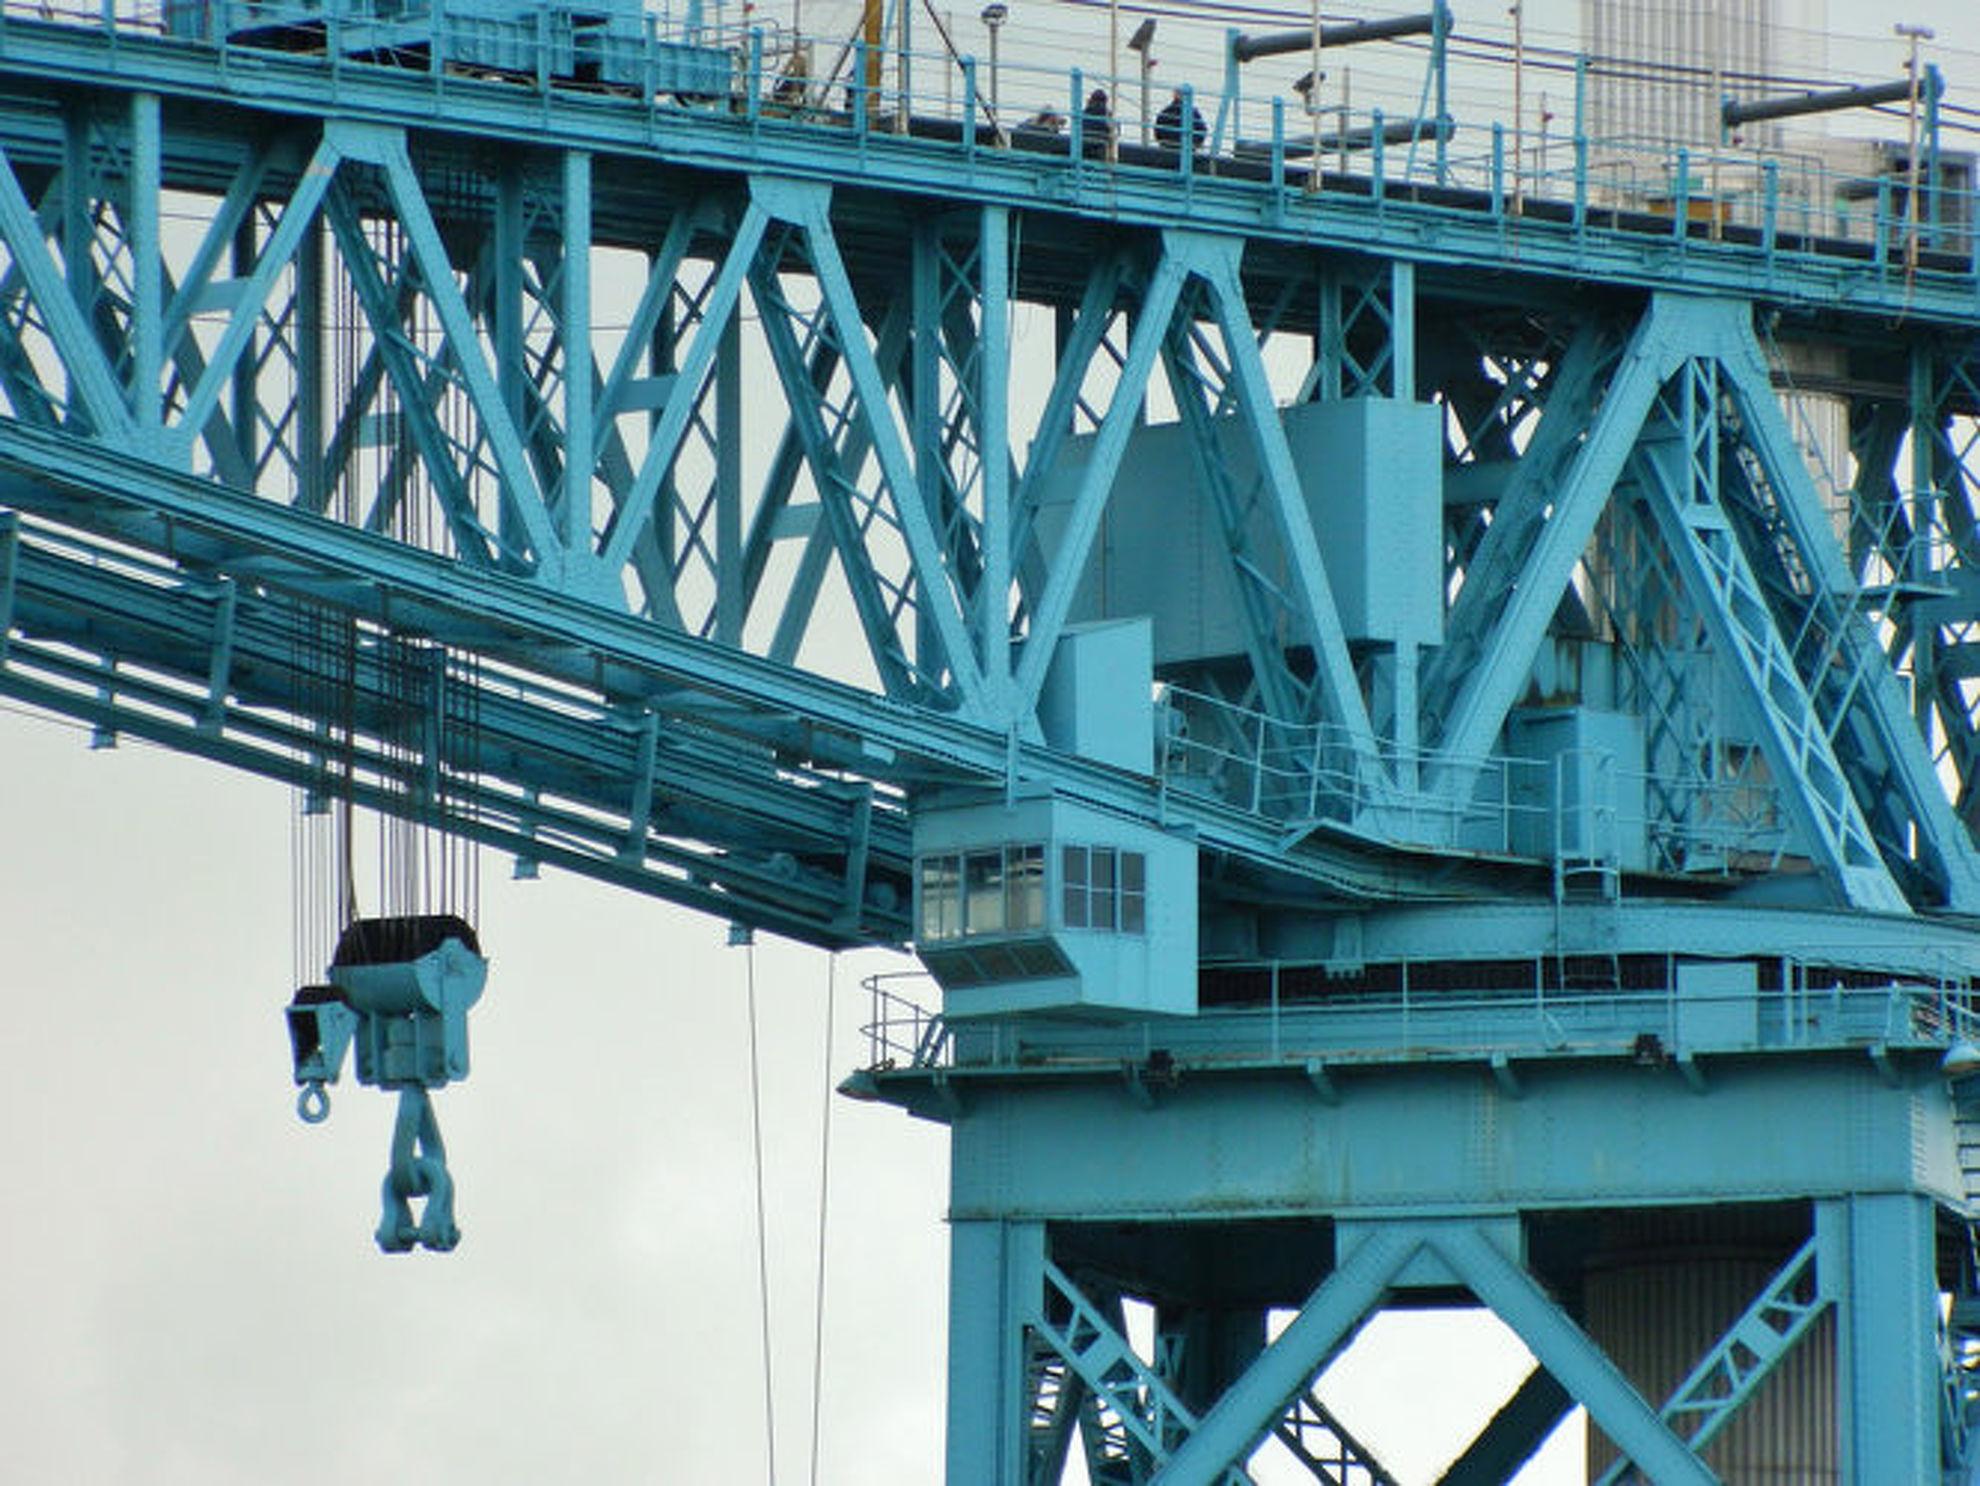 Explore Titan Clydebank Crane